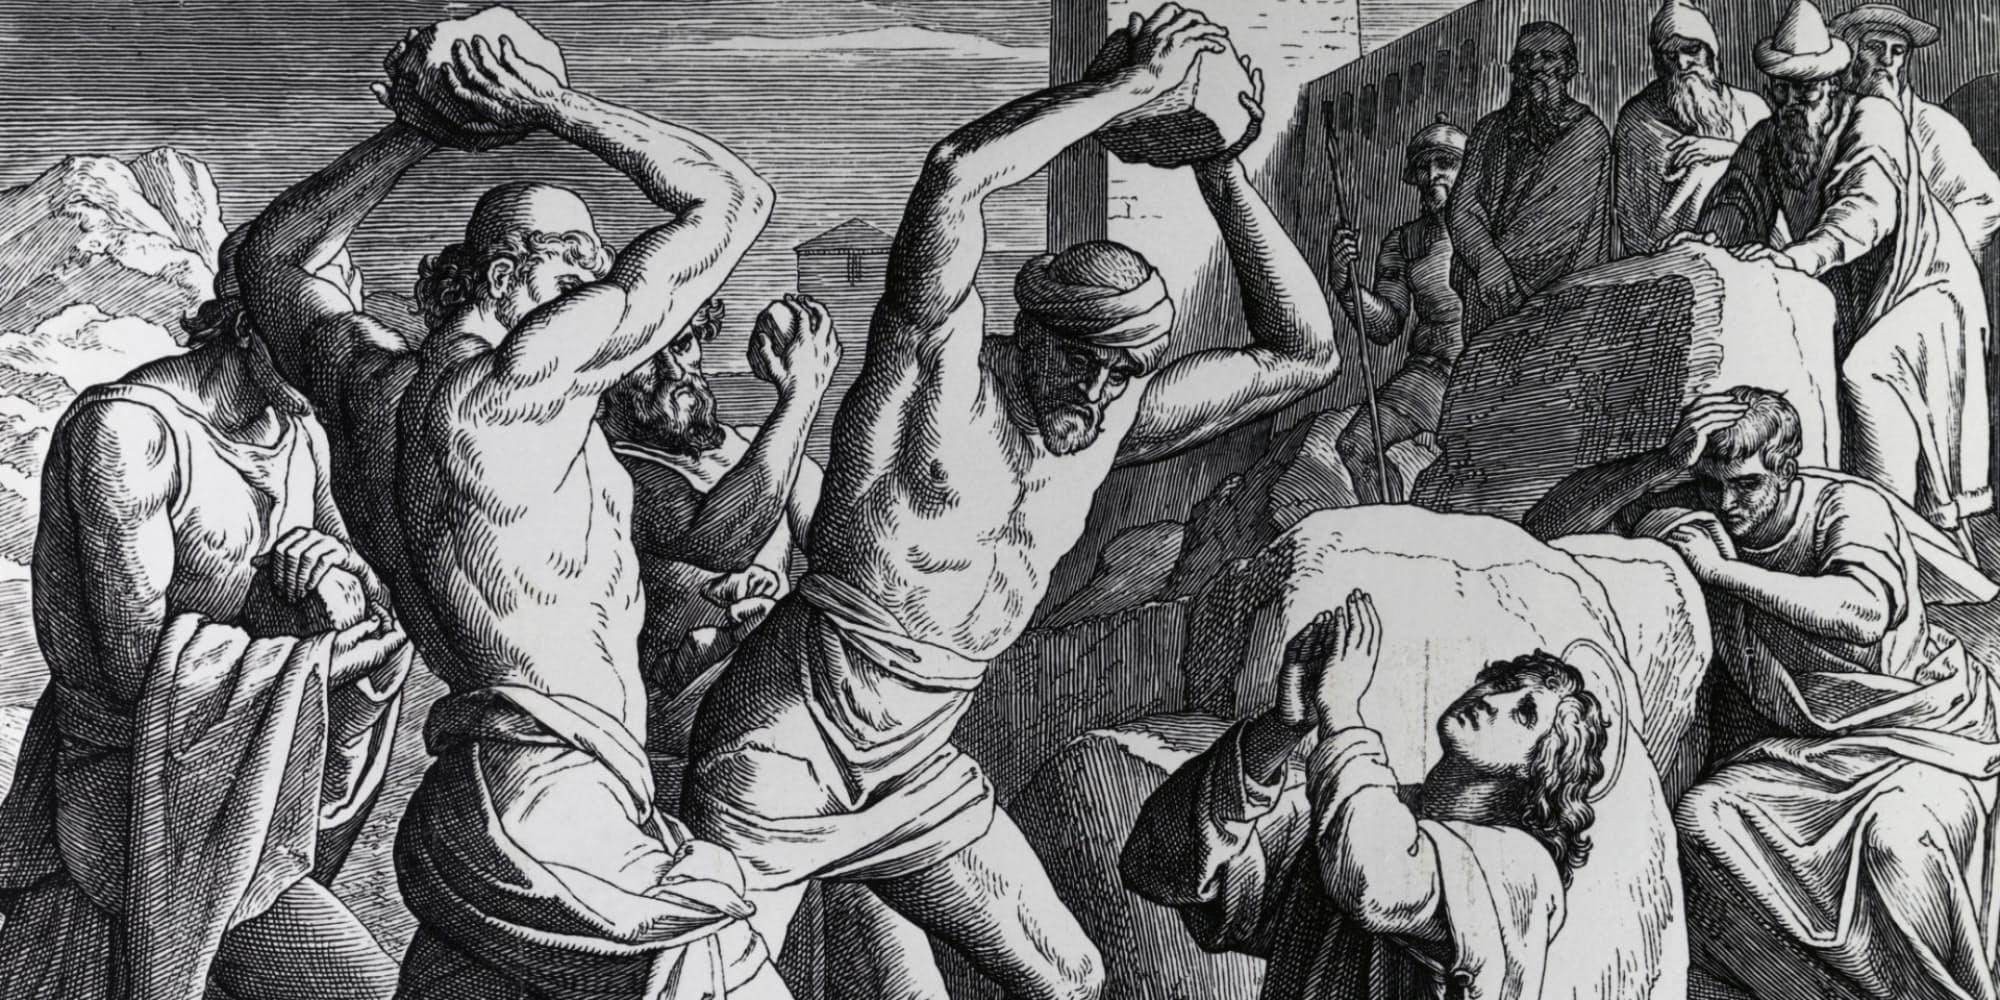 15種光想像就會讓人崩潰的「歷史上最殘忍處死方法」...船刑連看都想吐!